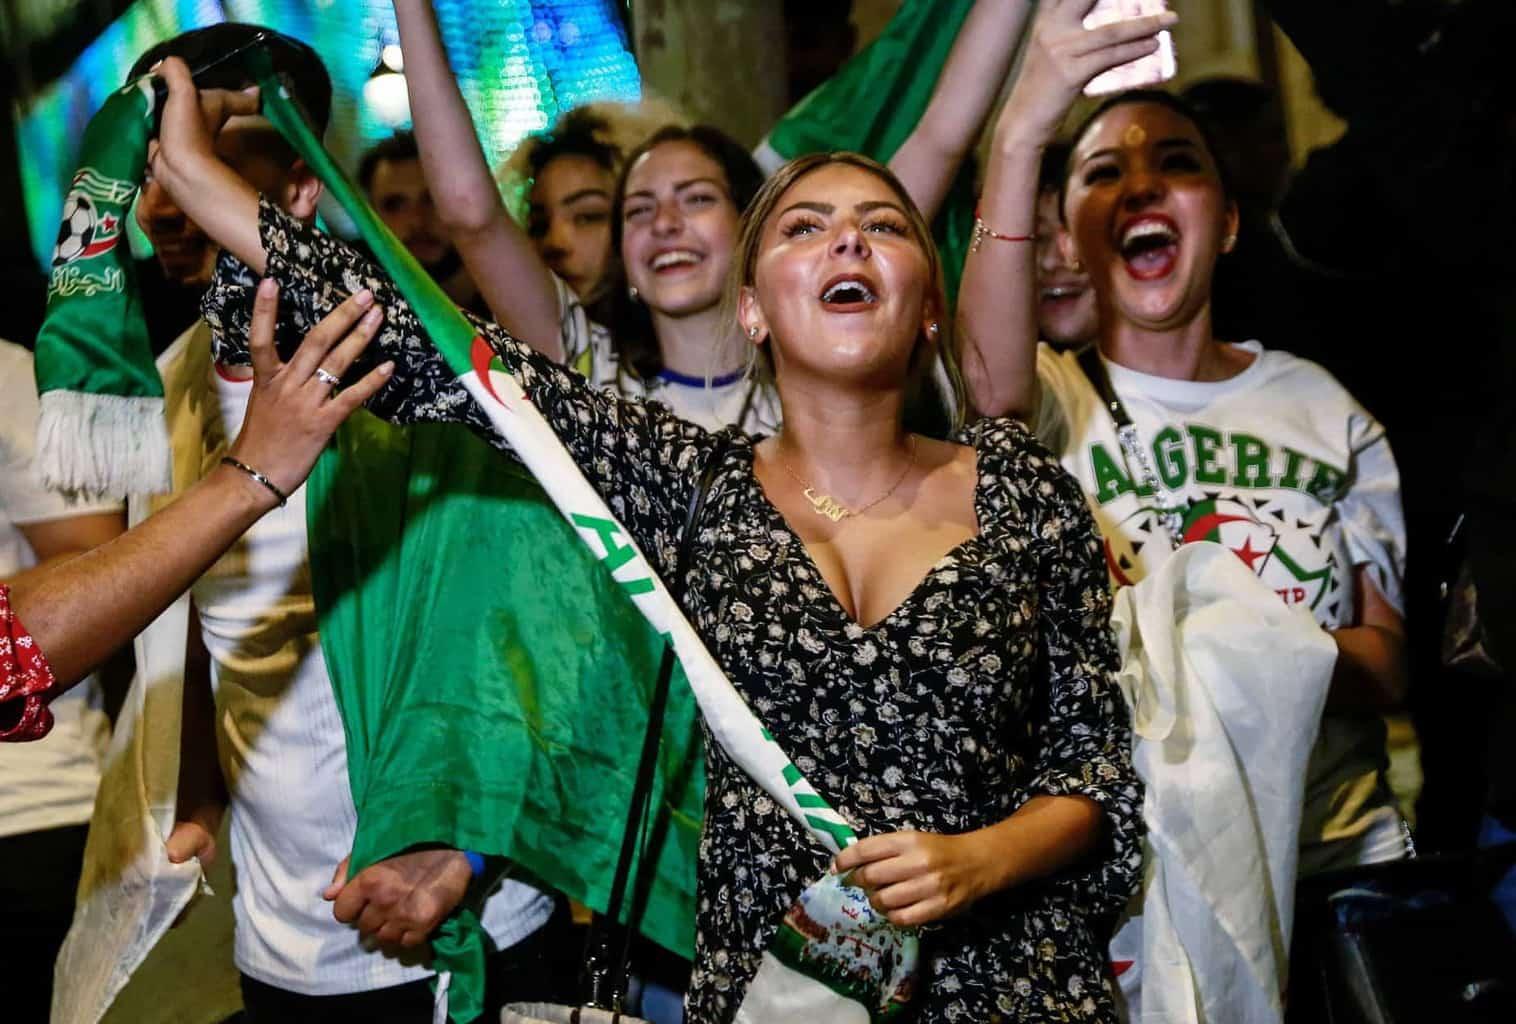 جمهور الجزائر يحتفل بالتأهل إلى نهائي كأس أمم أفريقيا 2019 على حساب نيجيريا (صور: AFP)